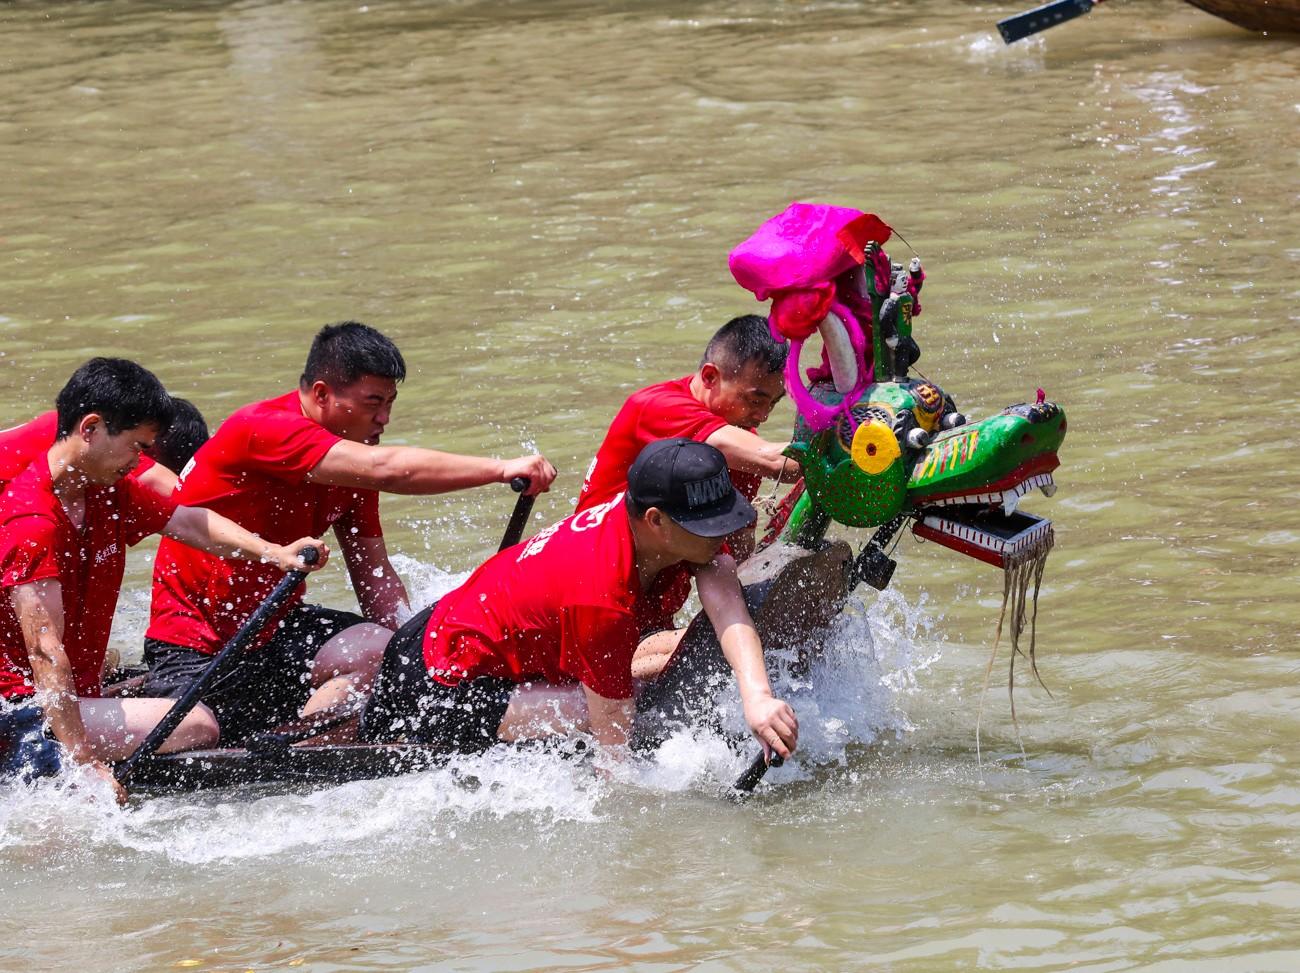 西溪龙舟文化节_图1-7